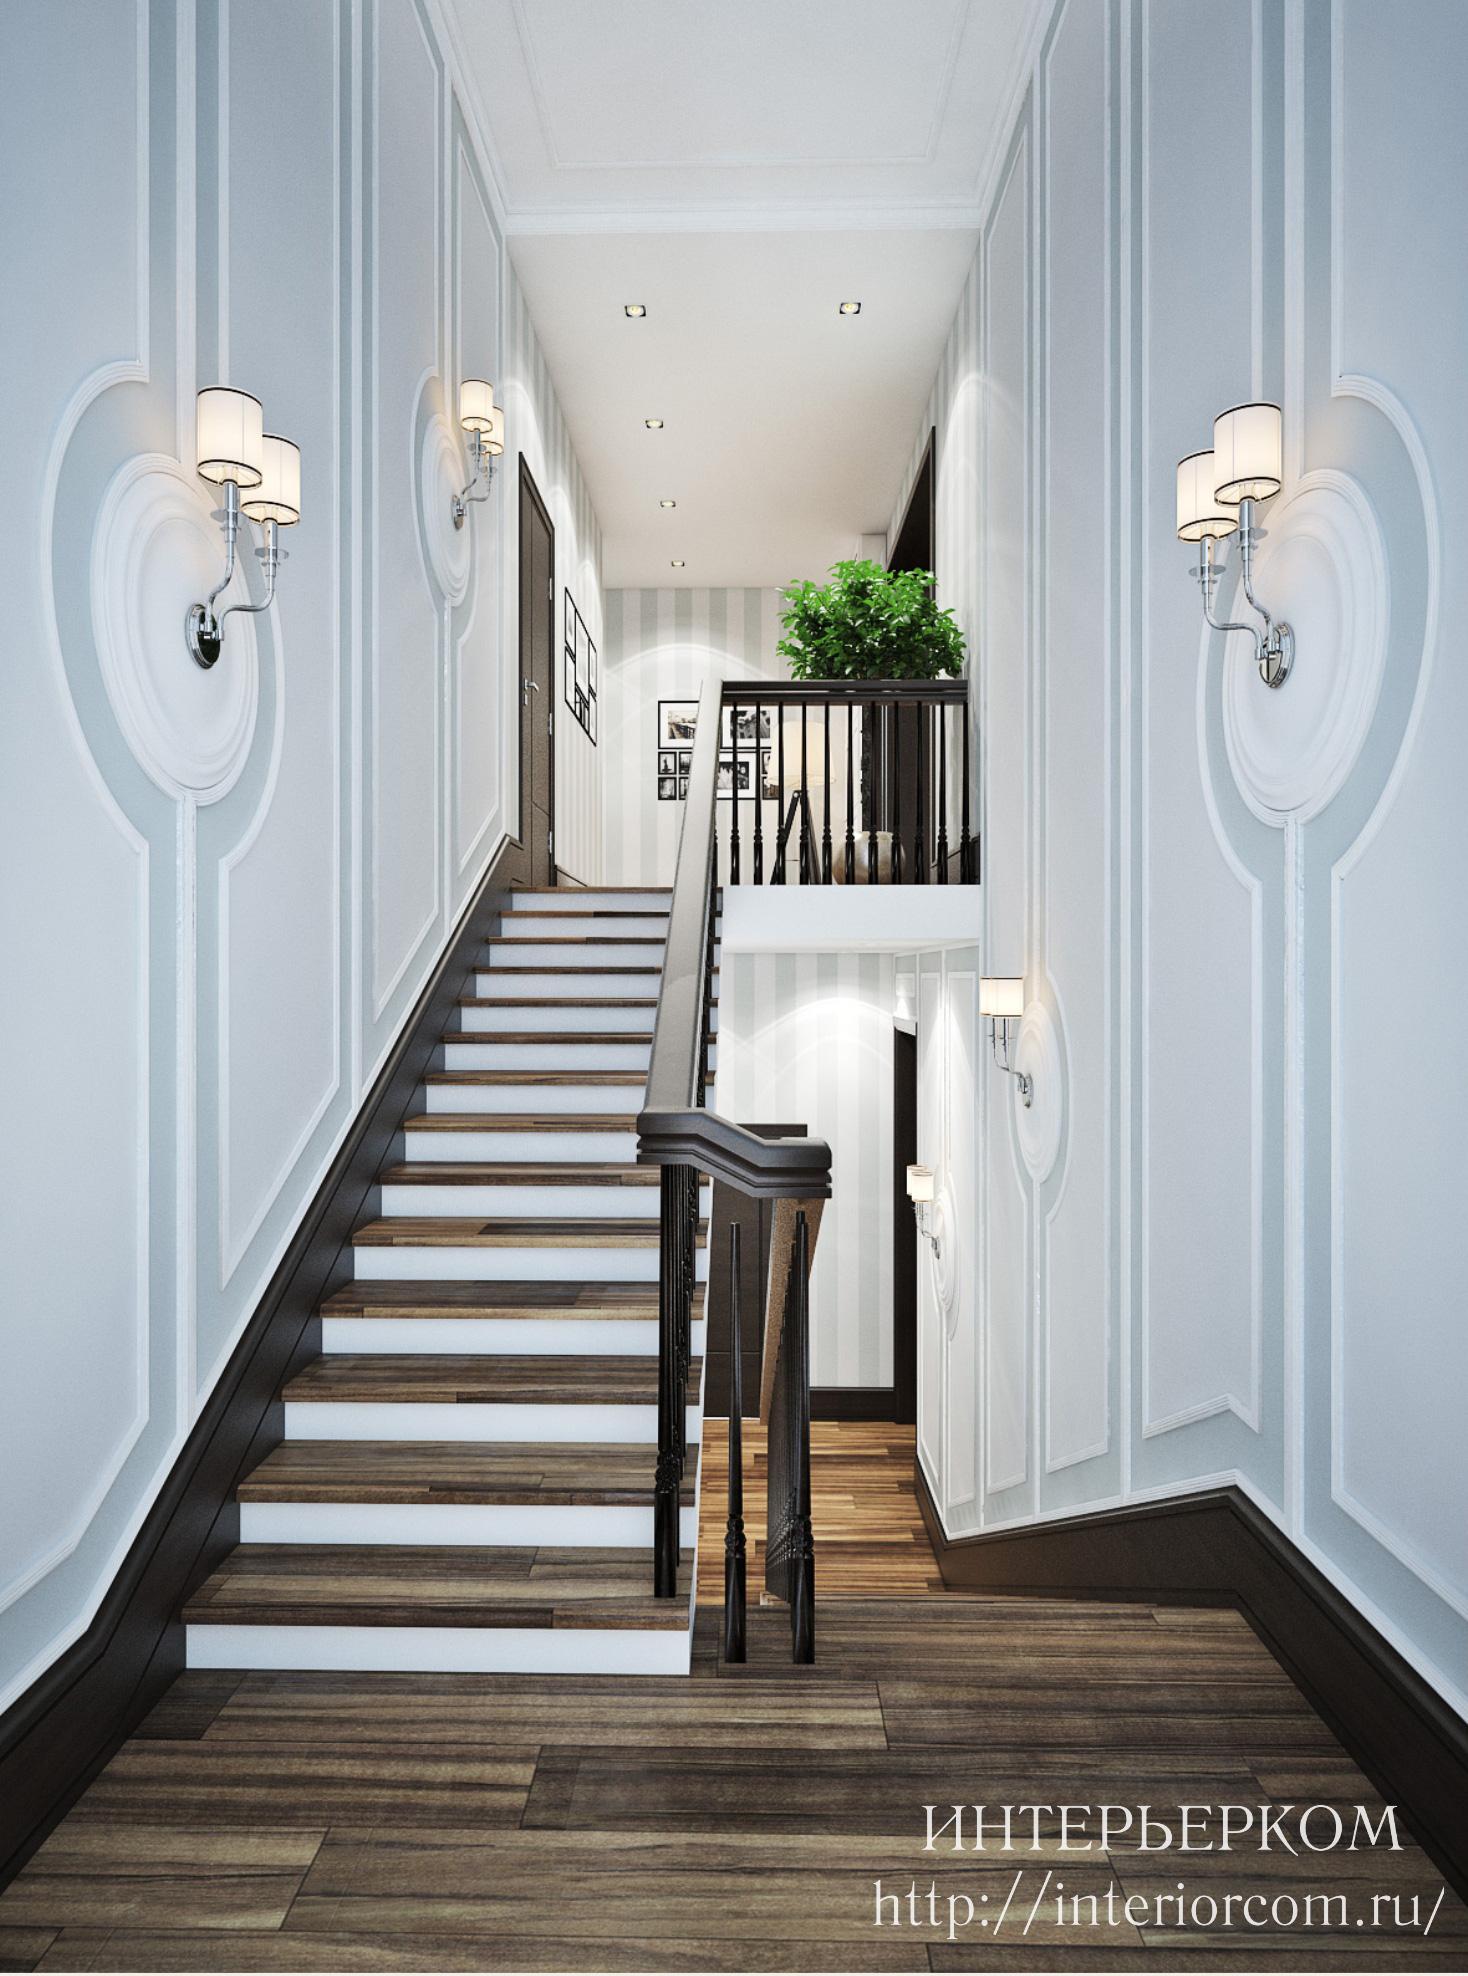 Комплектующие для лестниц из дерева в Санкт-Петербурге